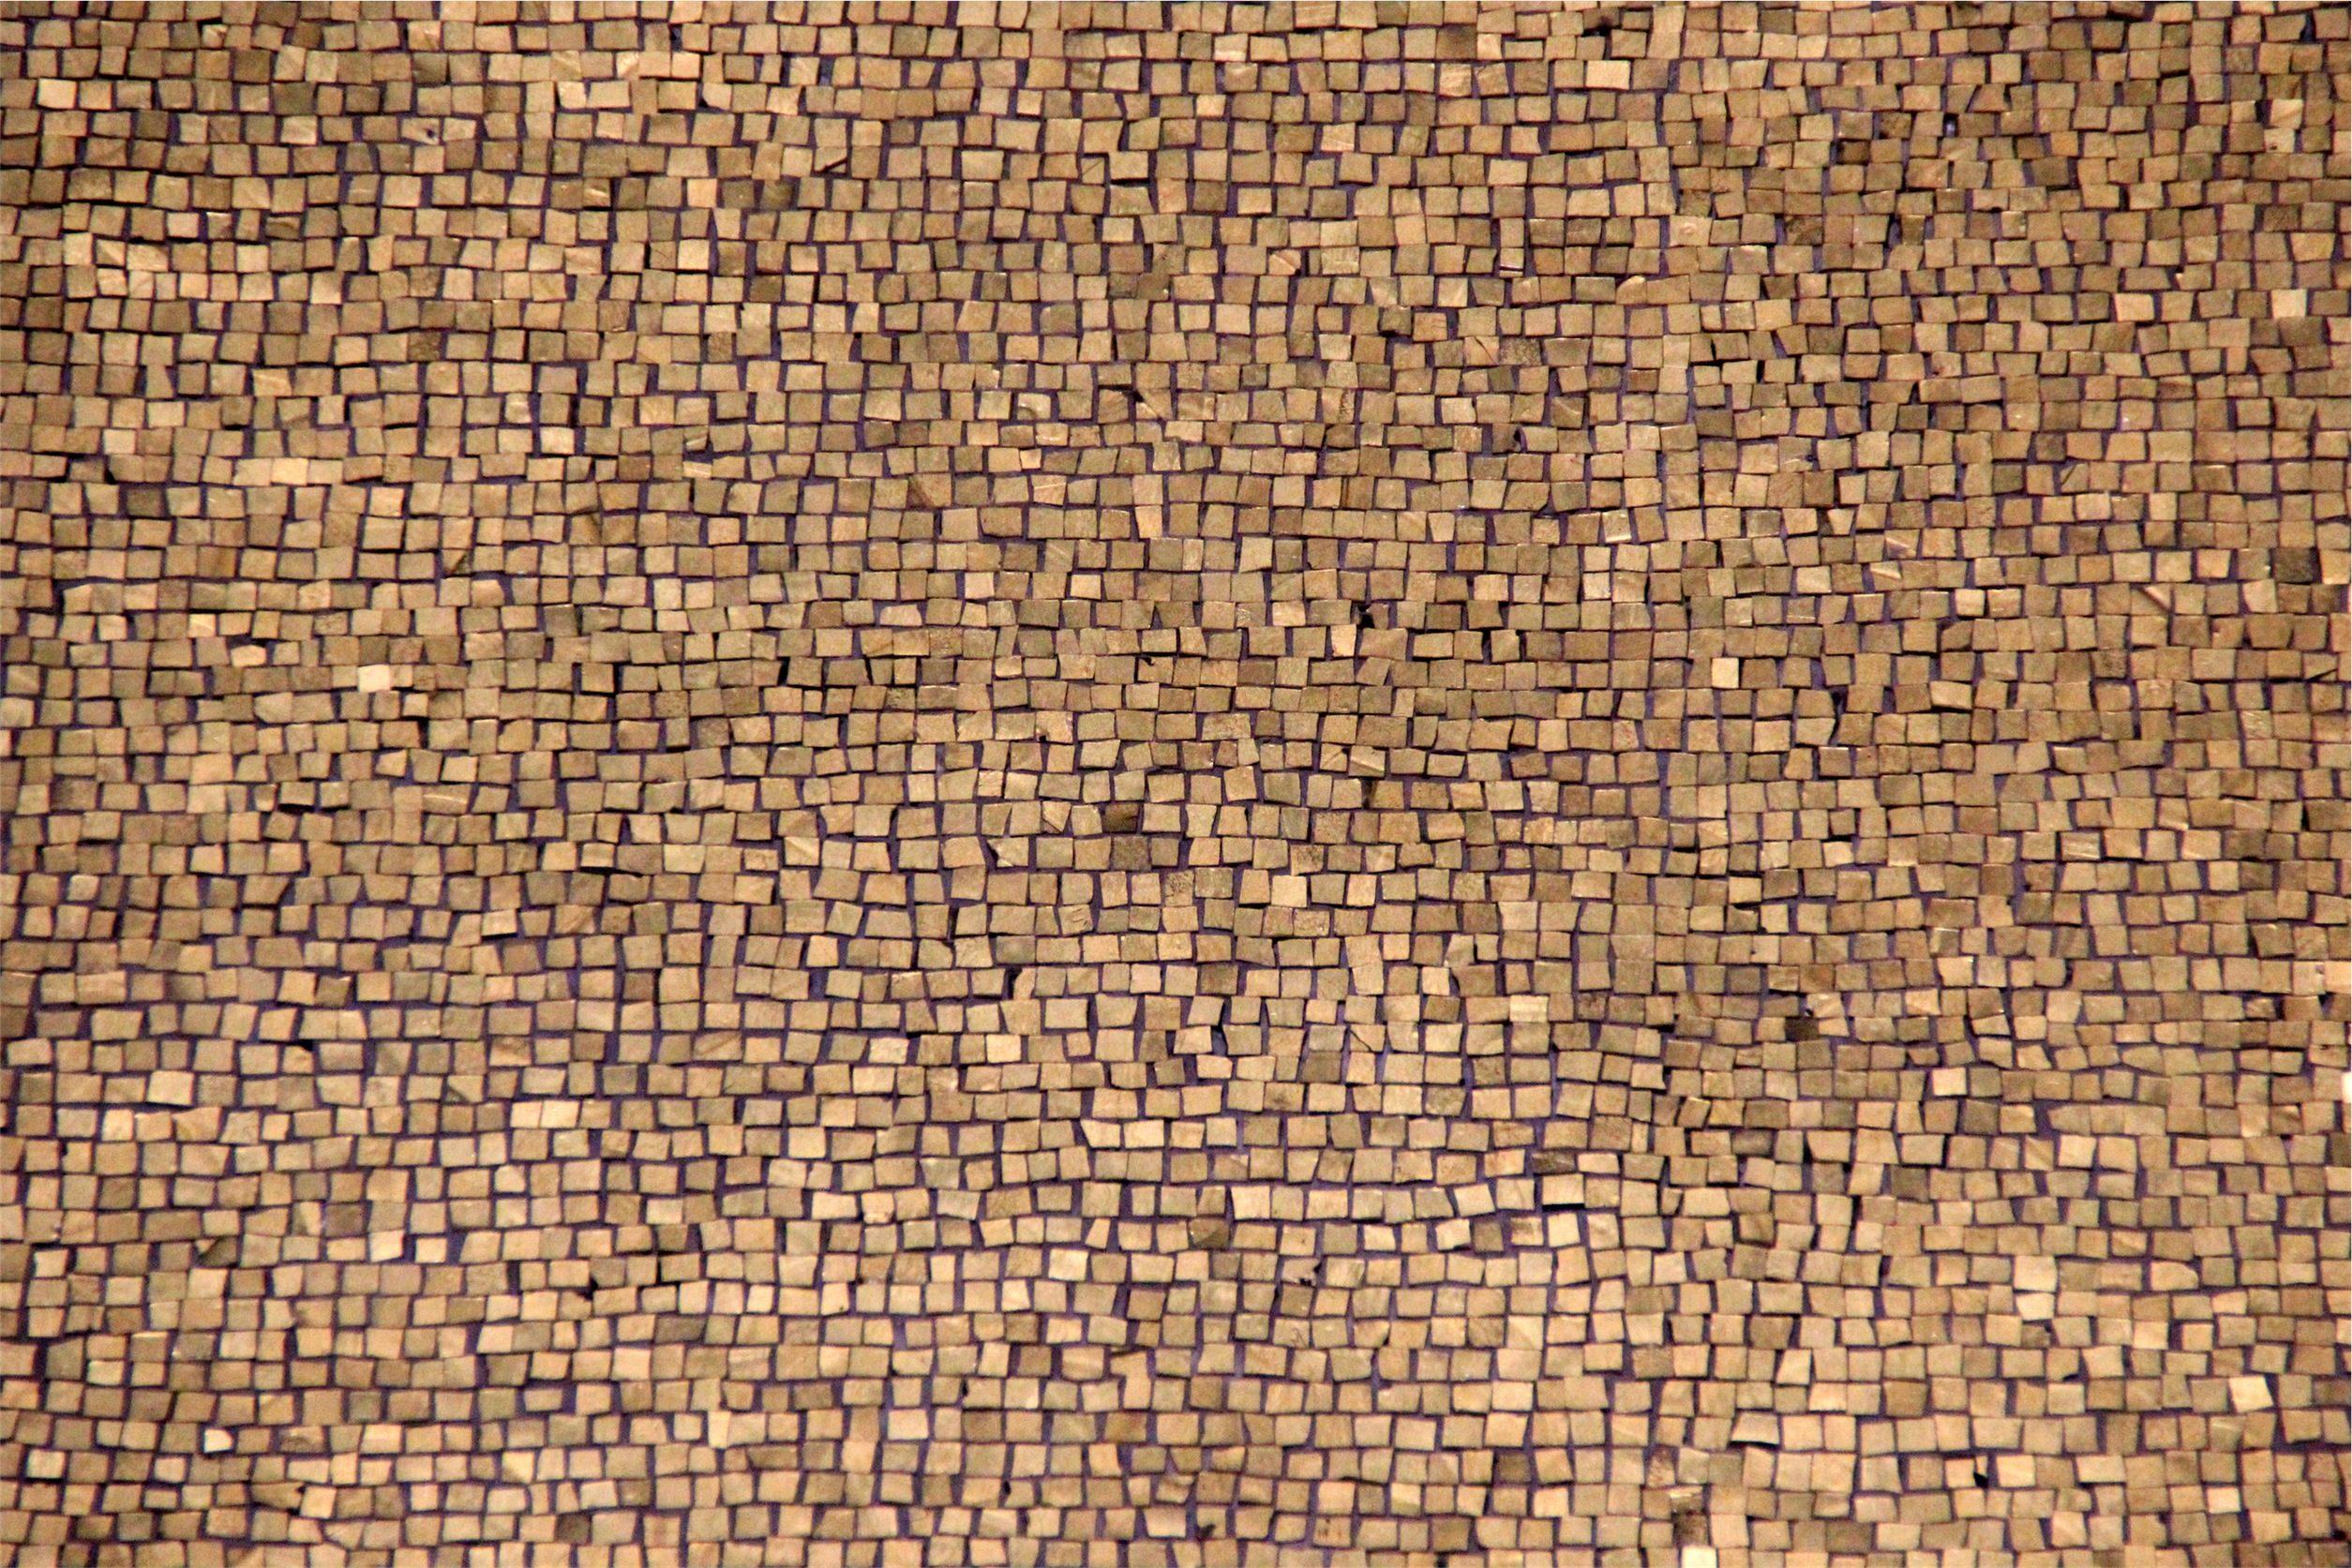 piezas, cuadrados, piedras, hilera, orden - Fondos de Pantalla HD - professor-falken.com